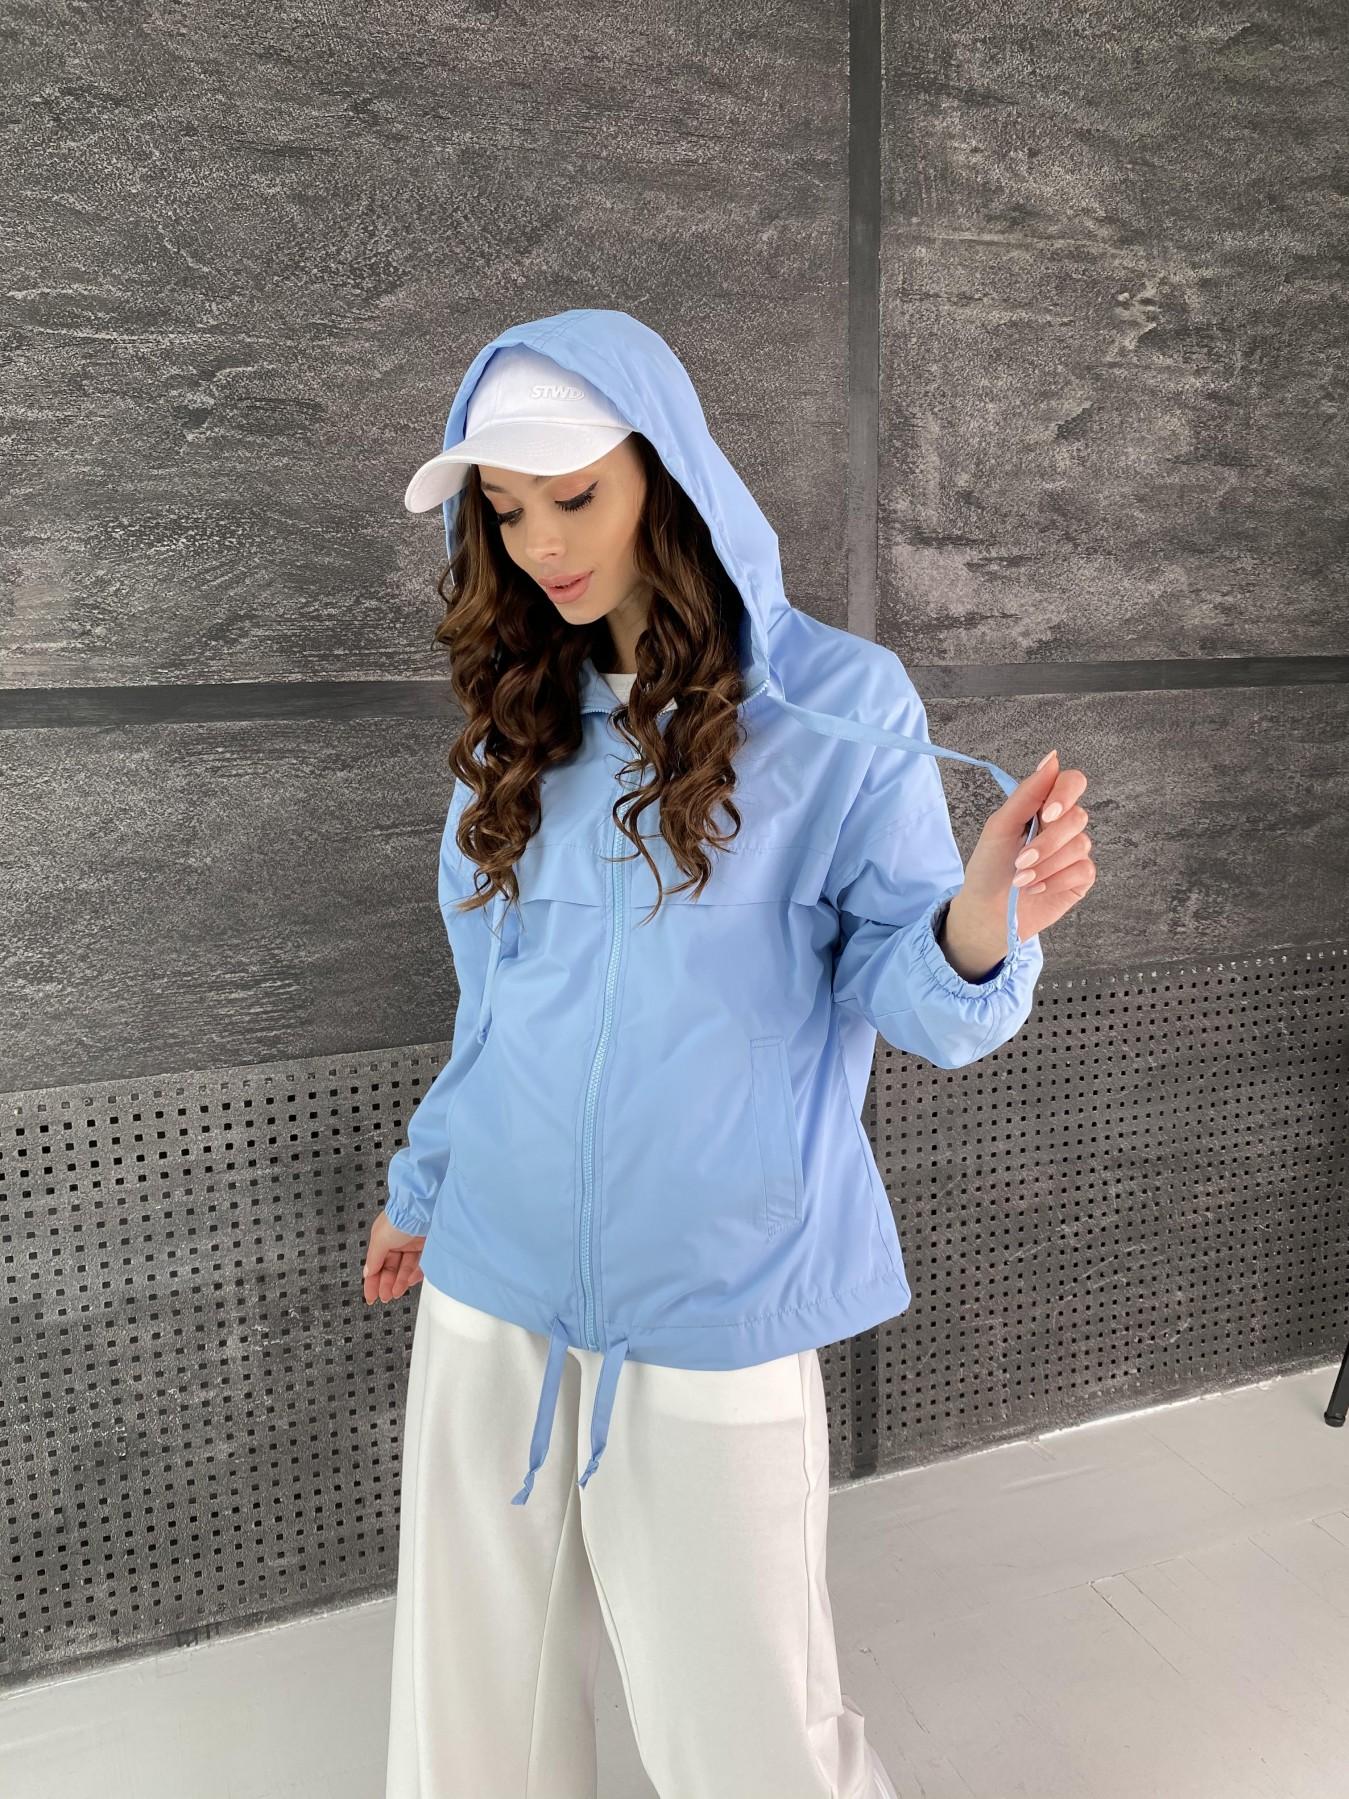 Фит куртка из плащевой ткани Ammy 11013 АРТ. 47593 Цвет: Голубой - фото 7, интернет магазин tm-modus.ru